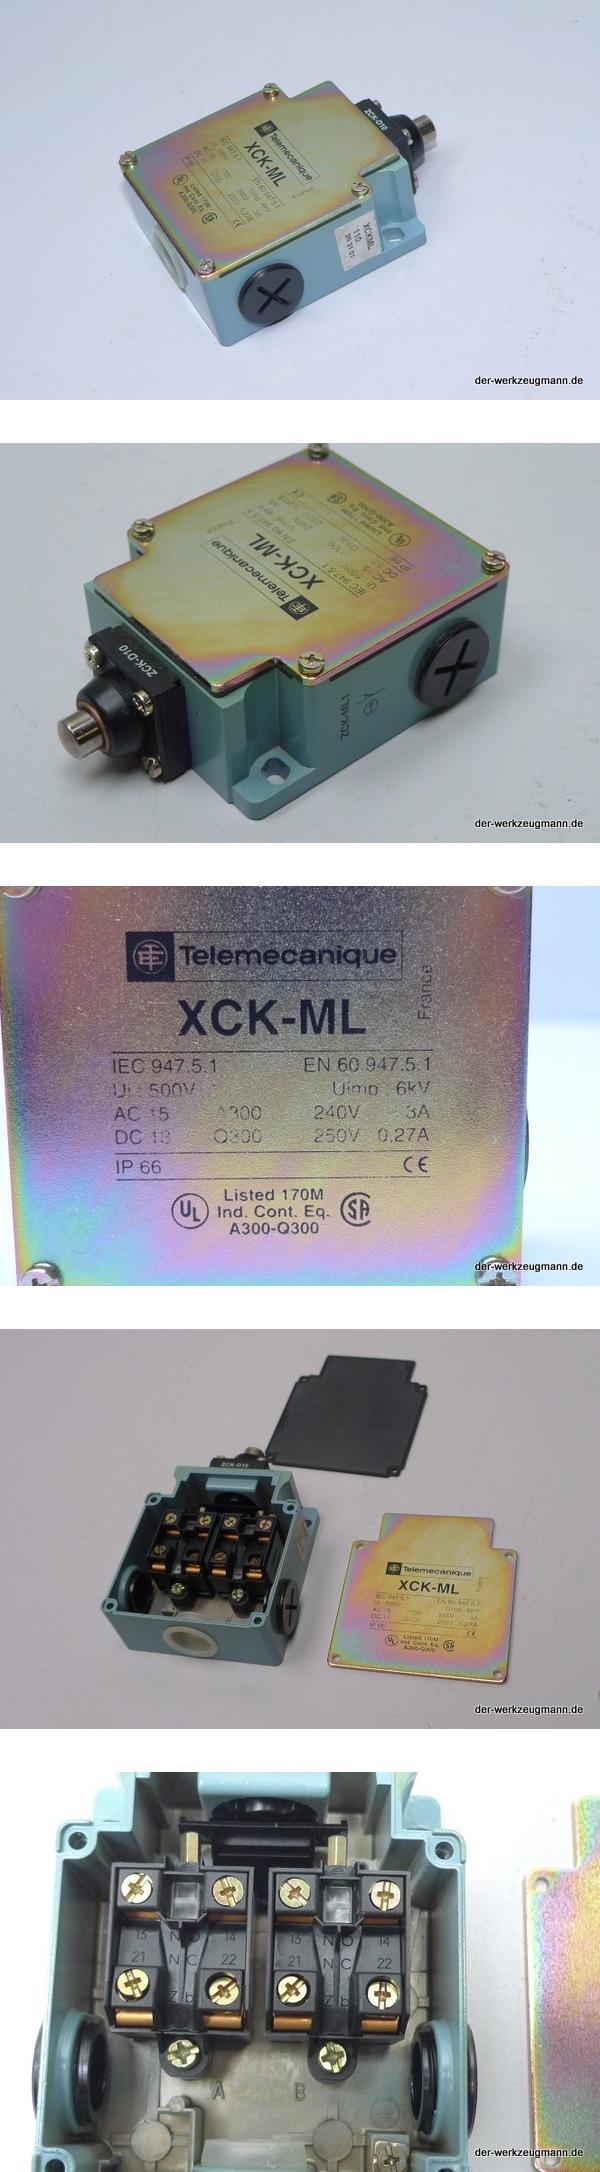 Telemecanique XCK-ML